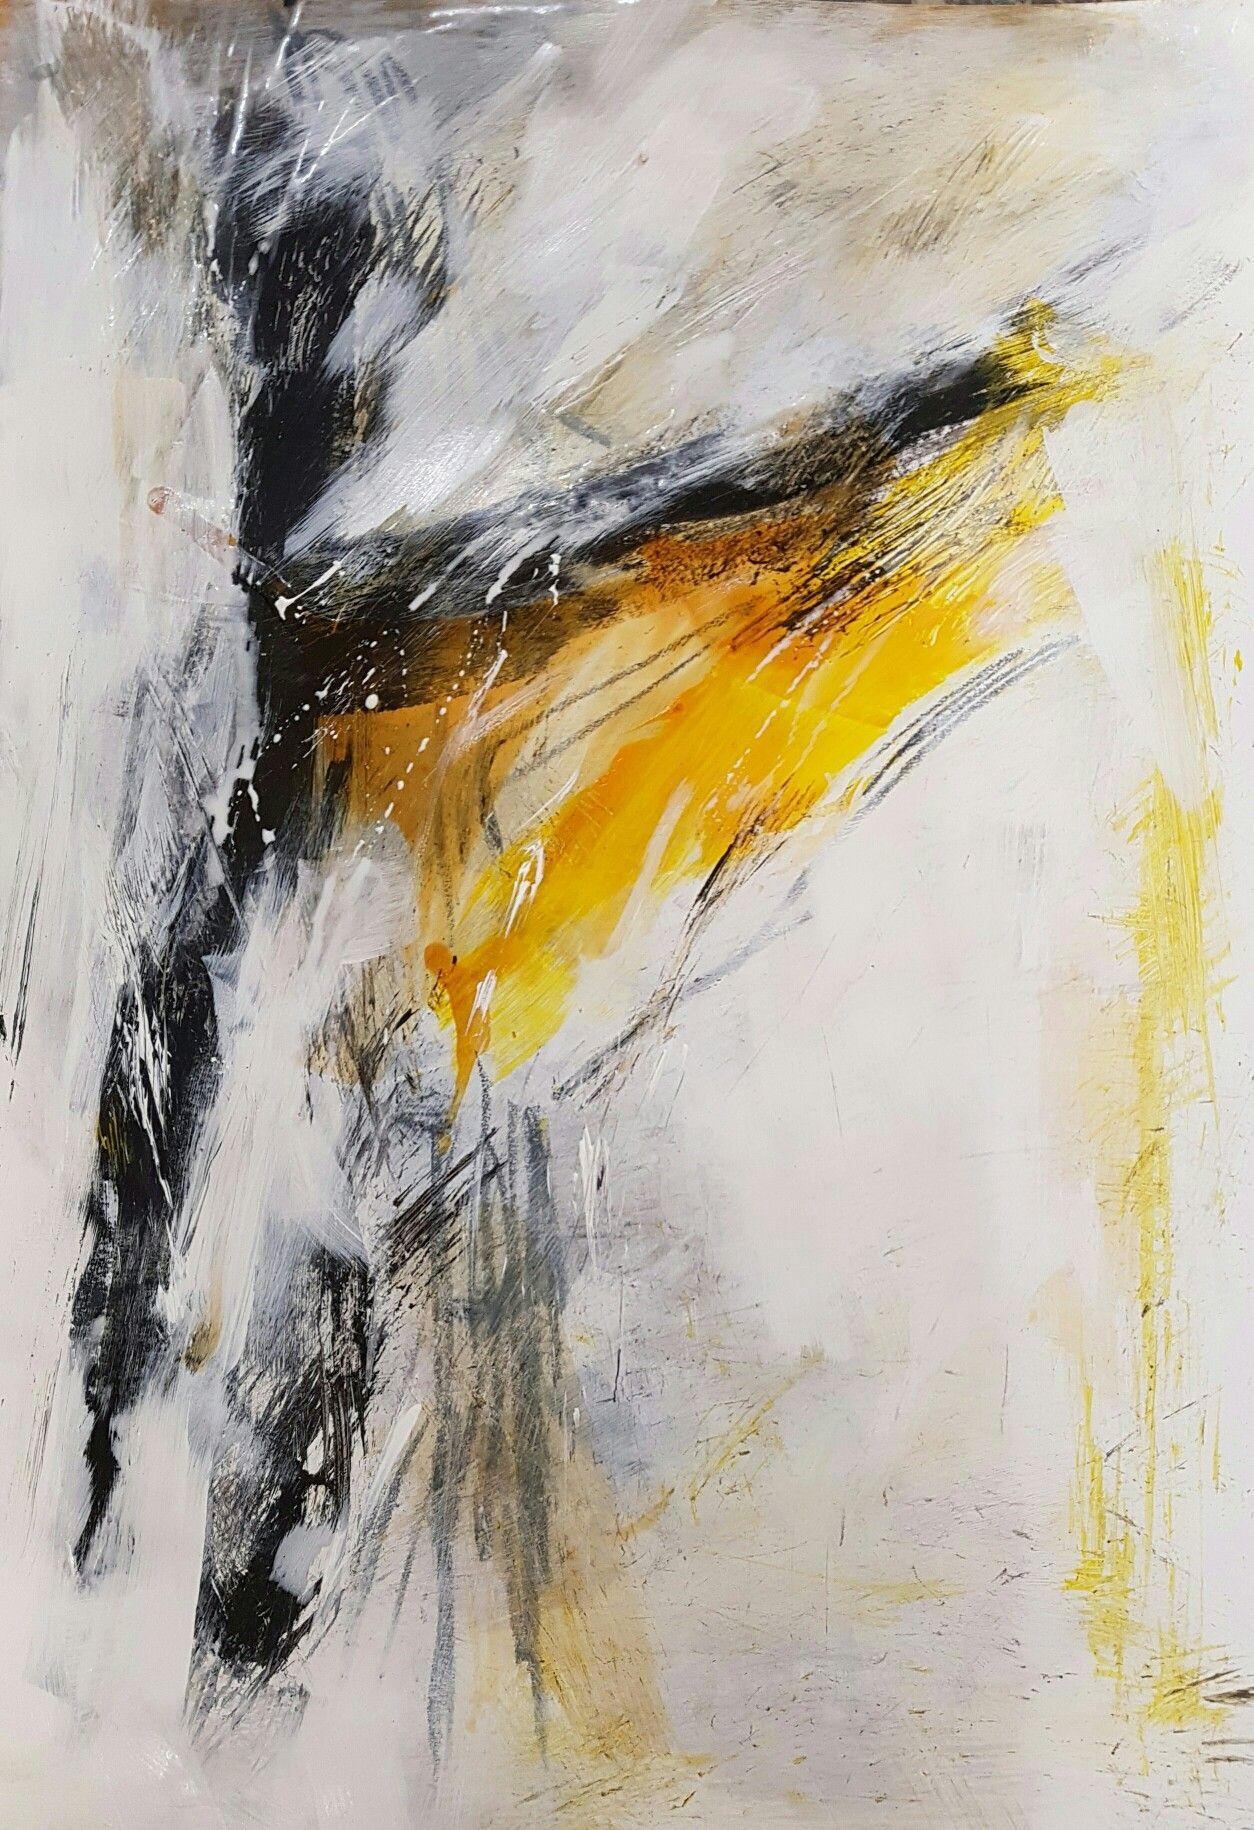 Abstrakte, moderne Kunst, Acrylbild, Weiß, Schwarz, Gelb ...